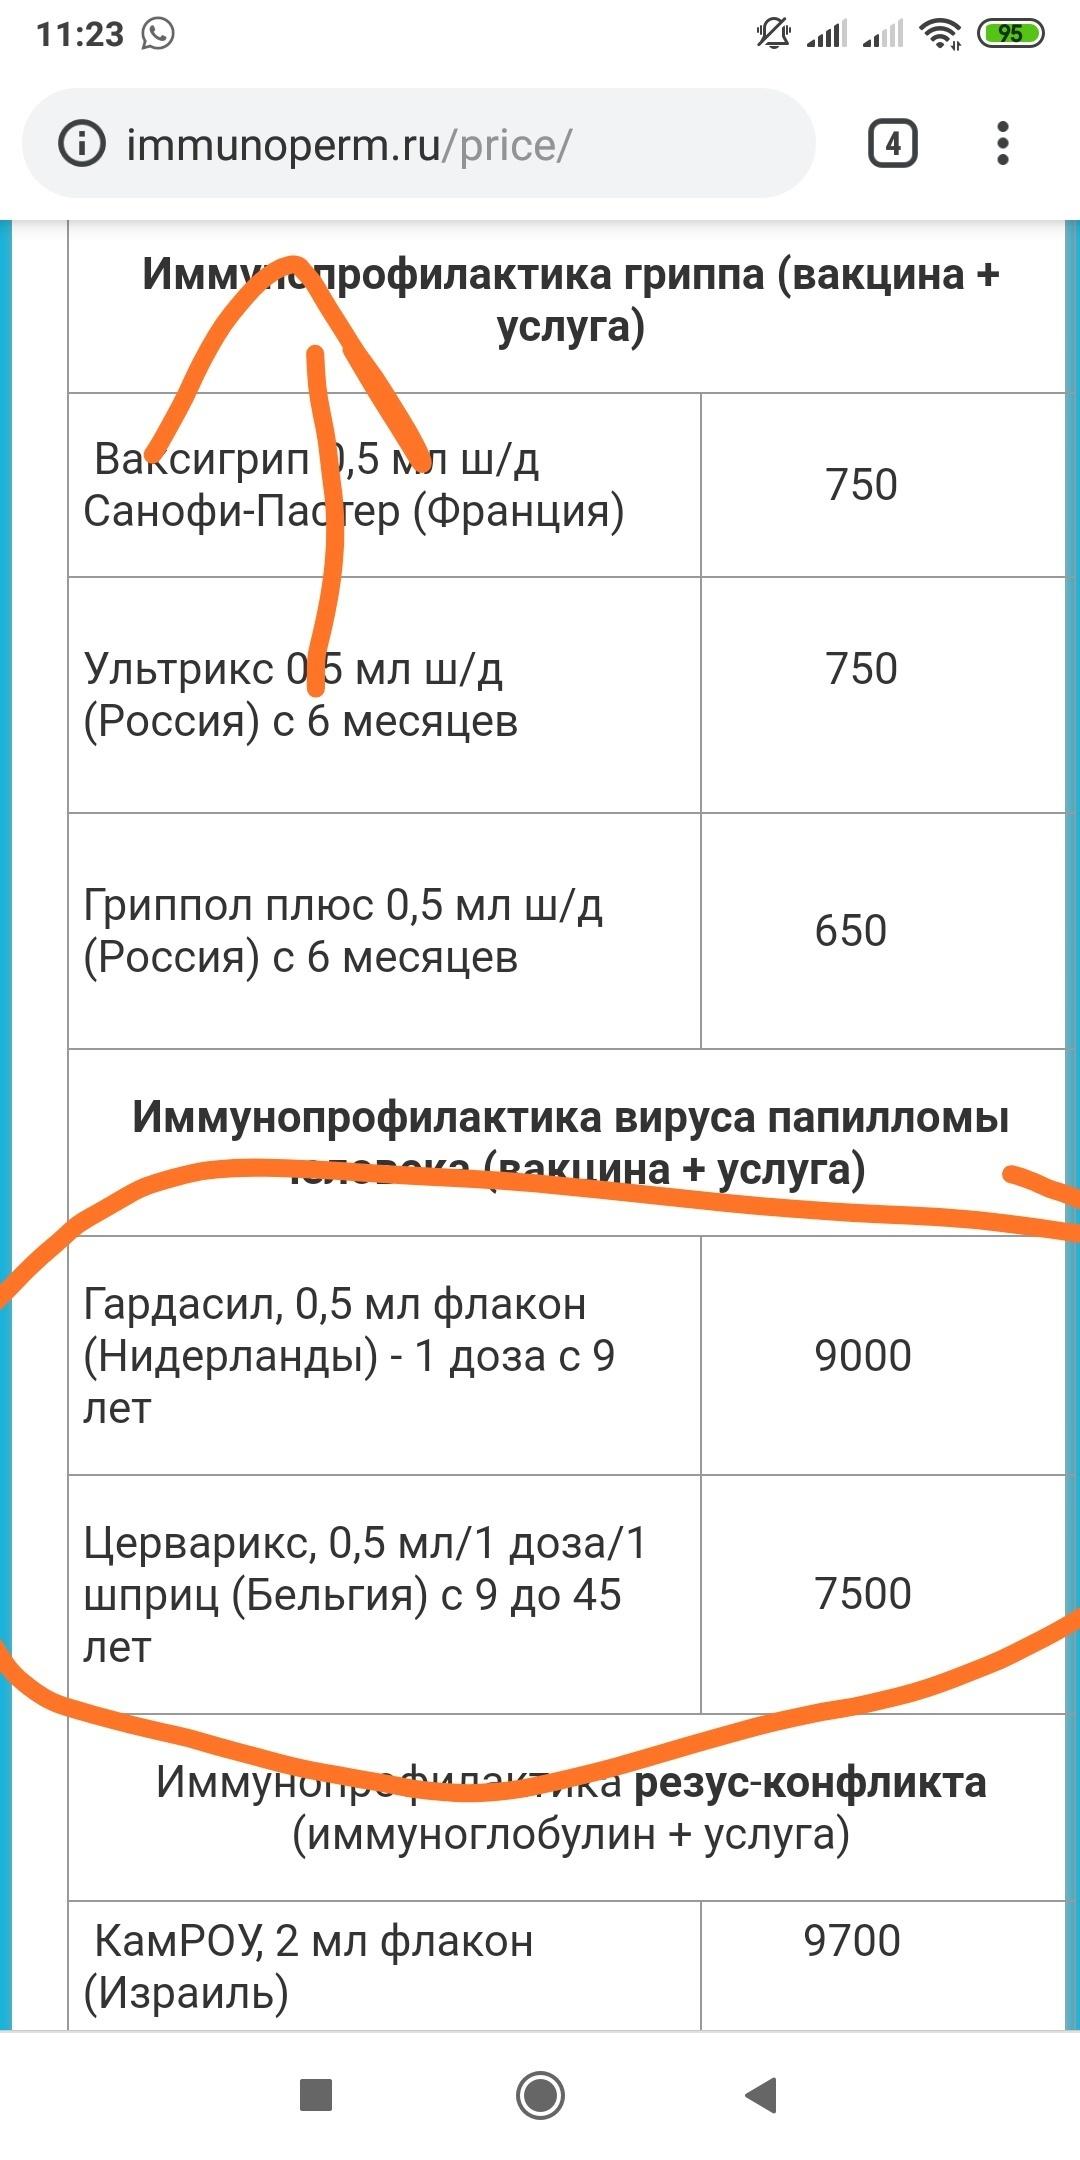 PNEUMOVAX 23 oldatos injekció - Gyógyszerkereső - Hátancsicsmuvelodesihaz.hu